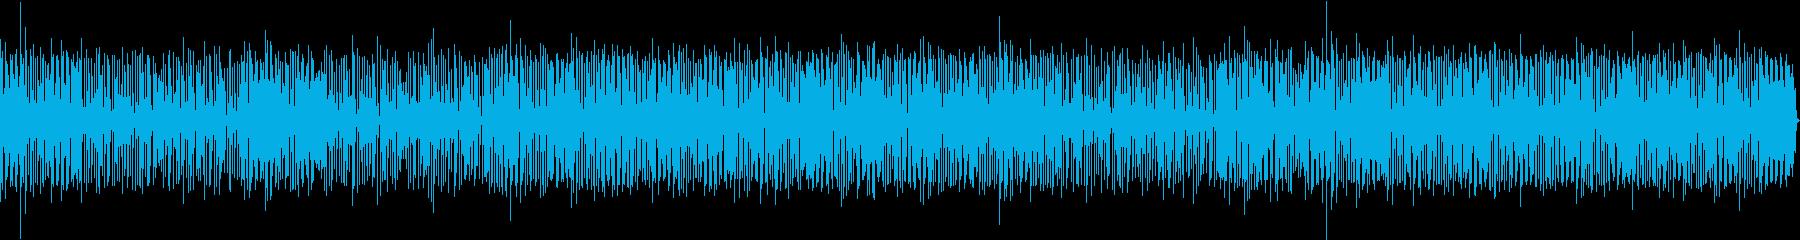 バンドサウンド軽快なファンクBGMの再生済みの波形